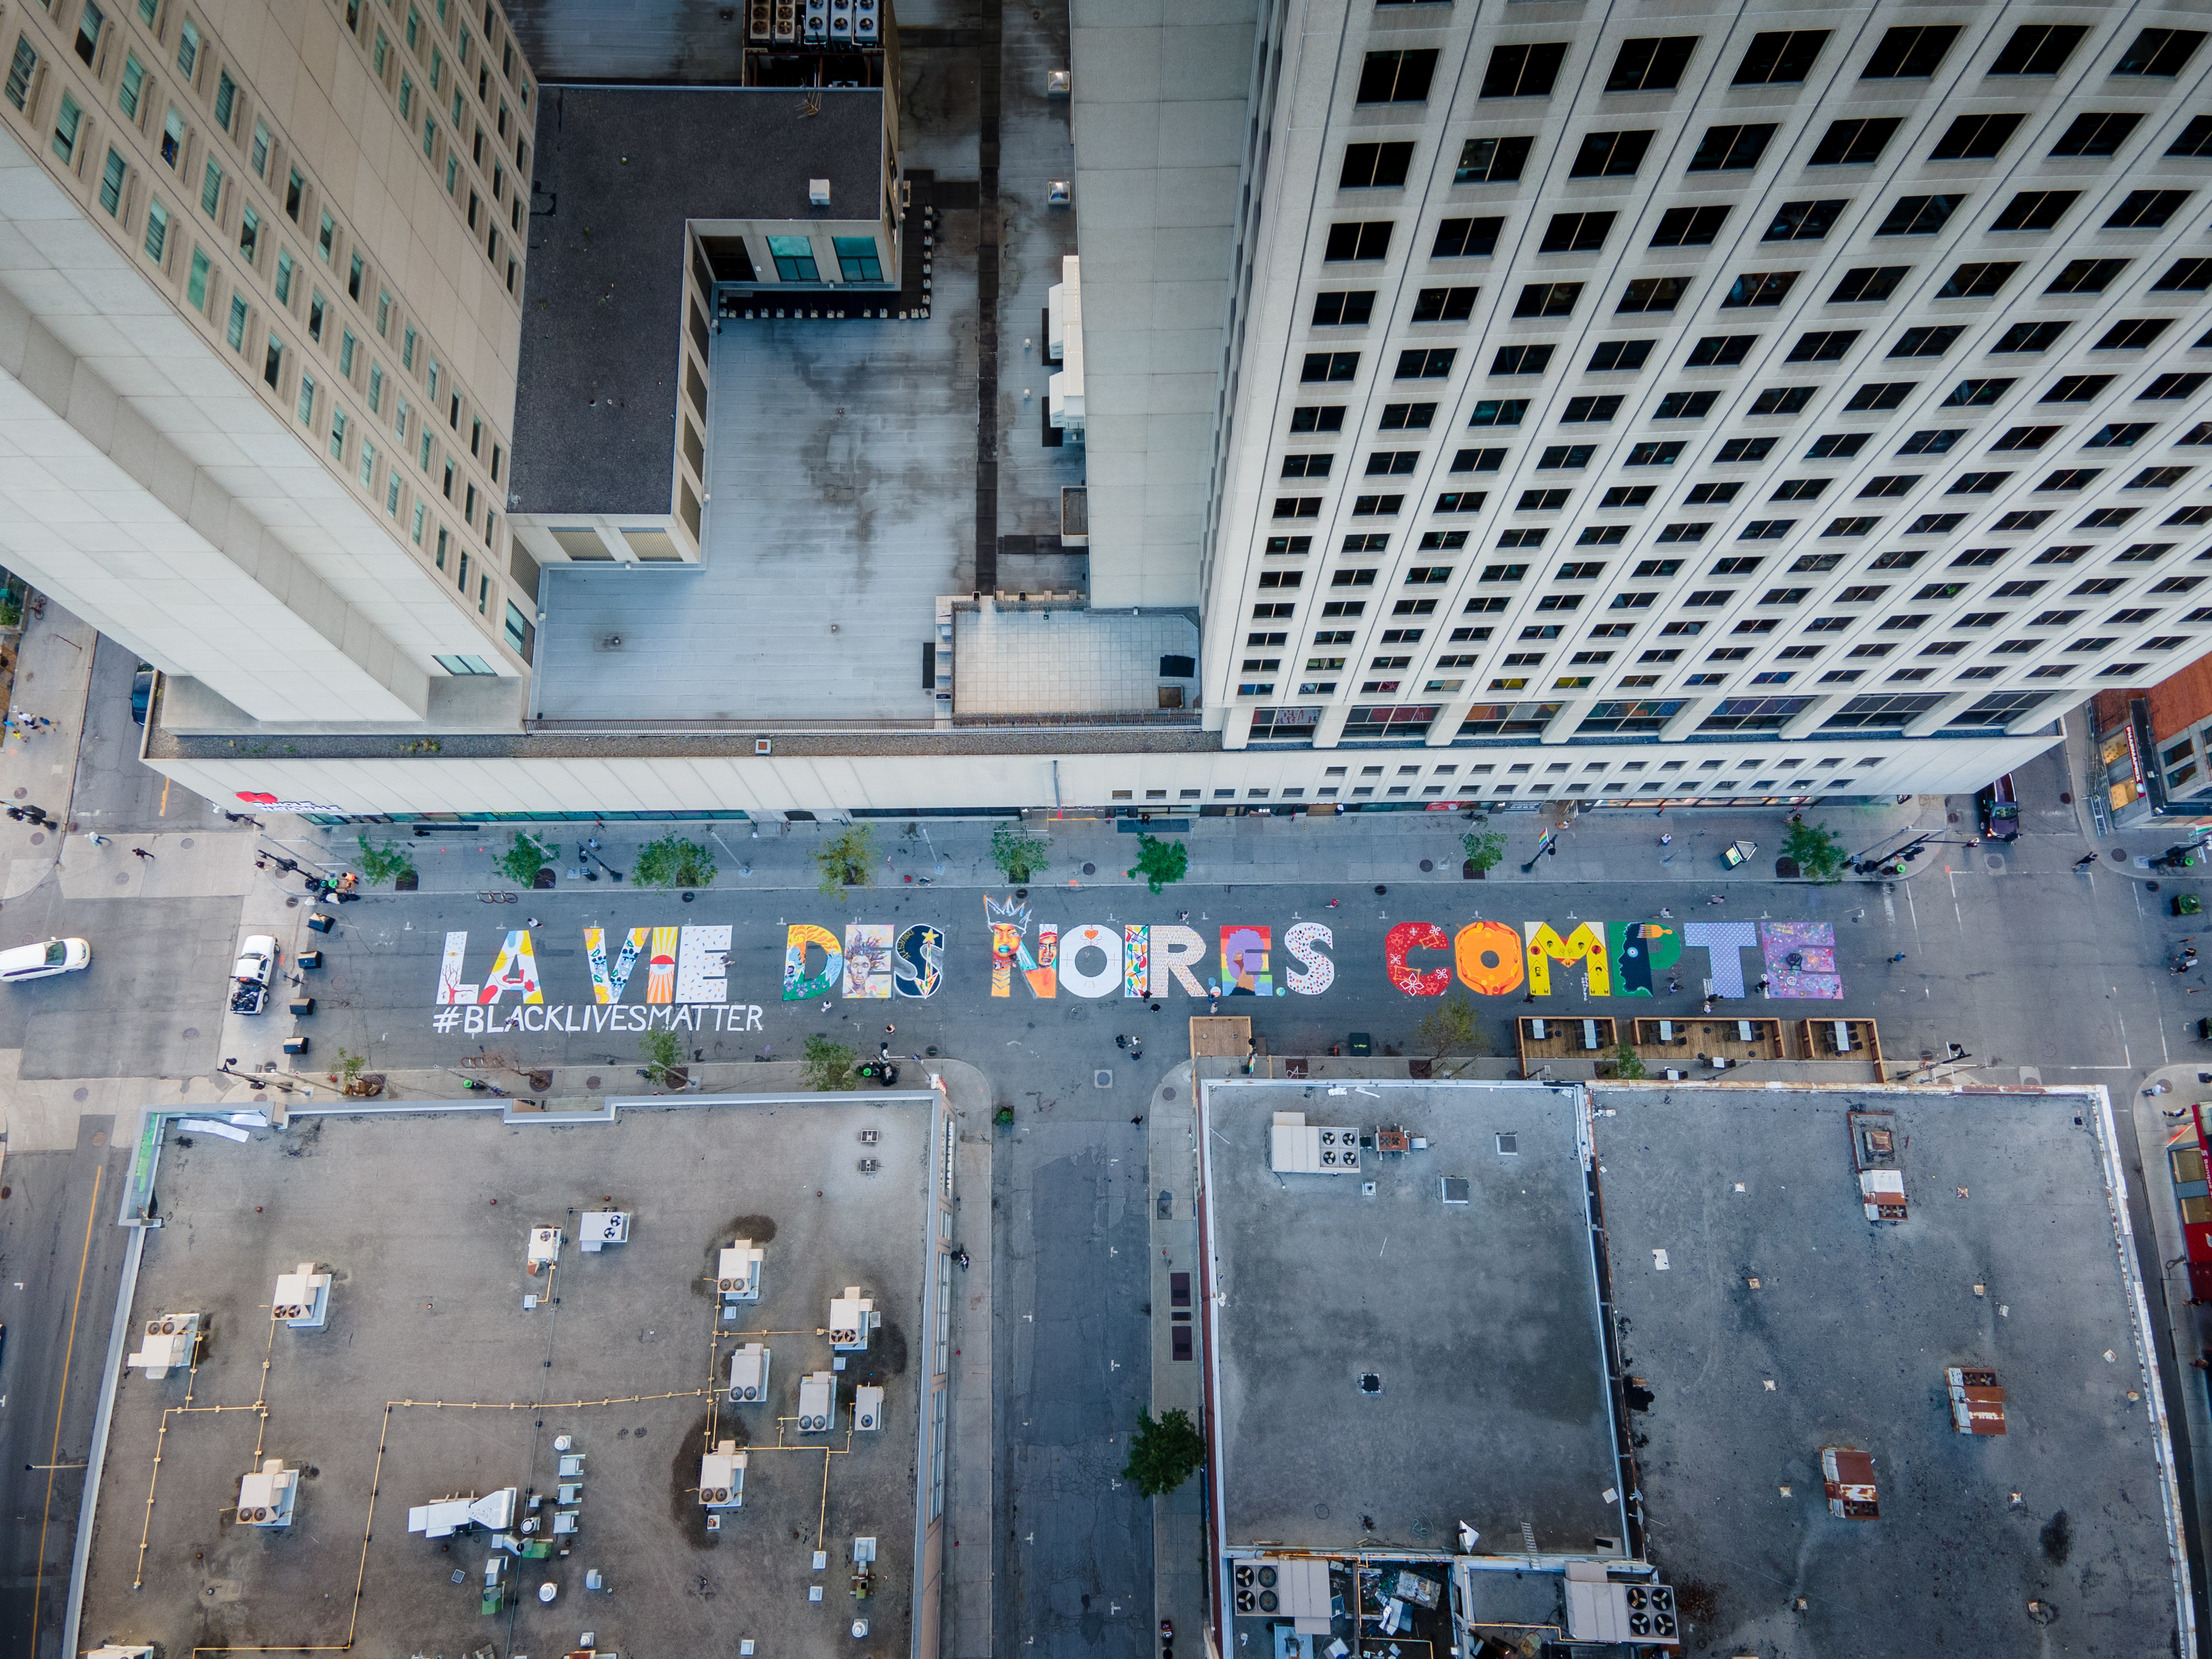 #BlackLivesMatter in Montreal